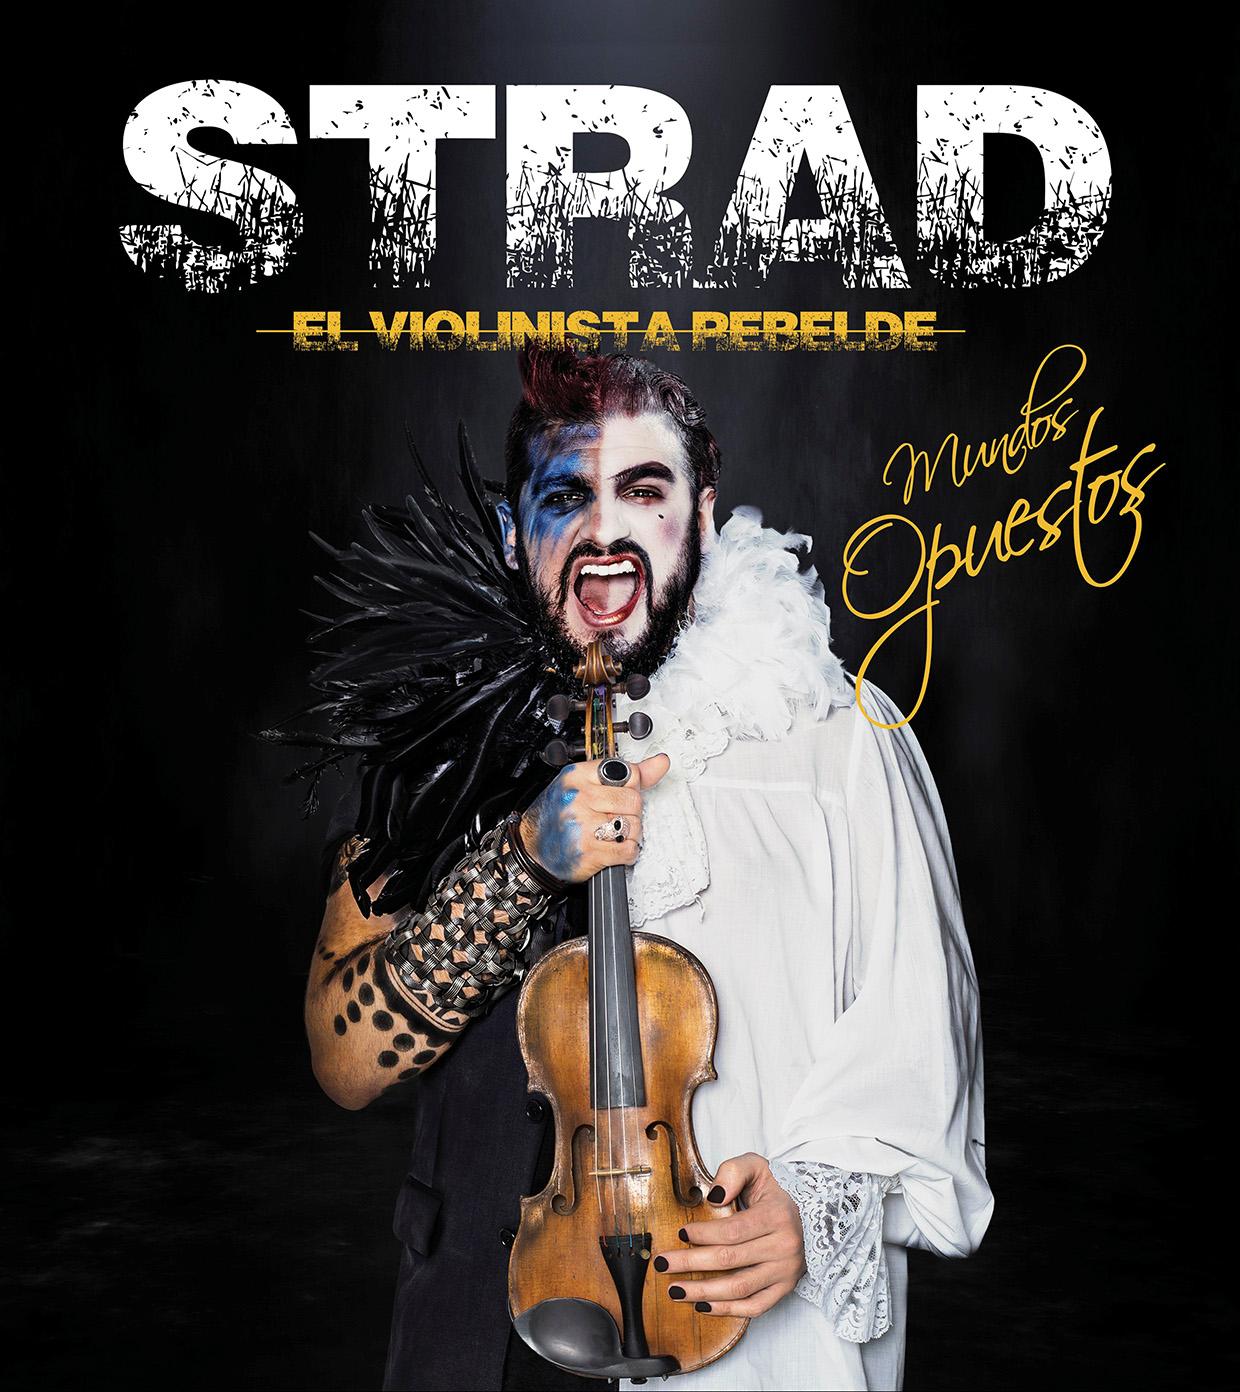 STRAD lleva a Sevilla su nuevo espectáculo: 'Mundos opuestos'